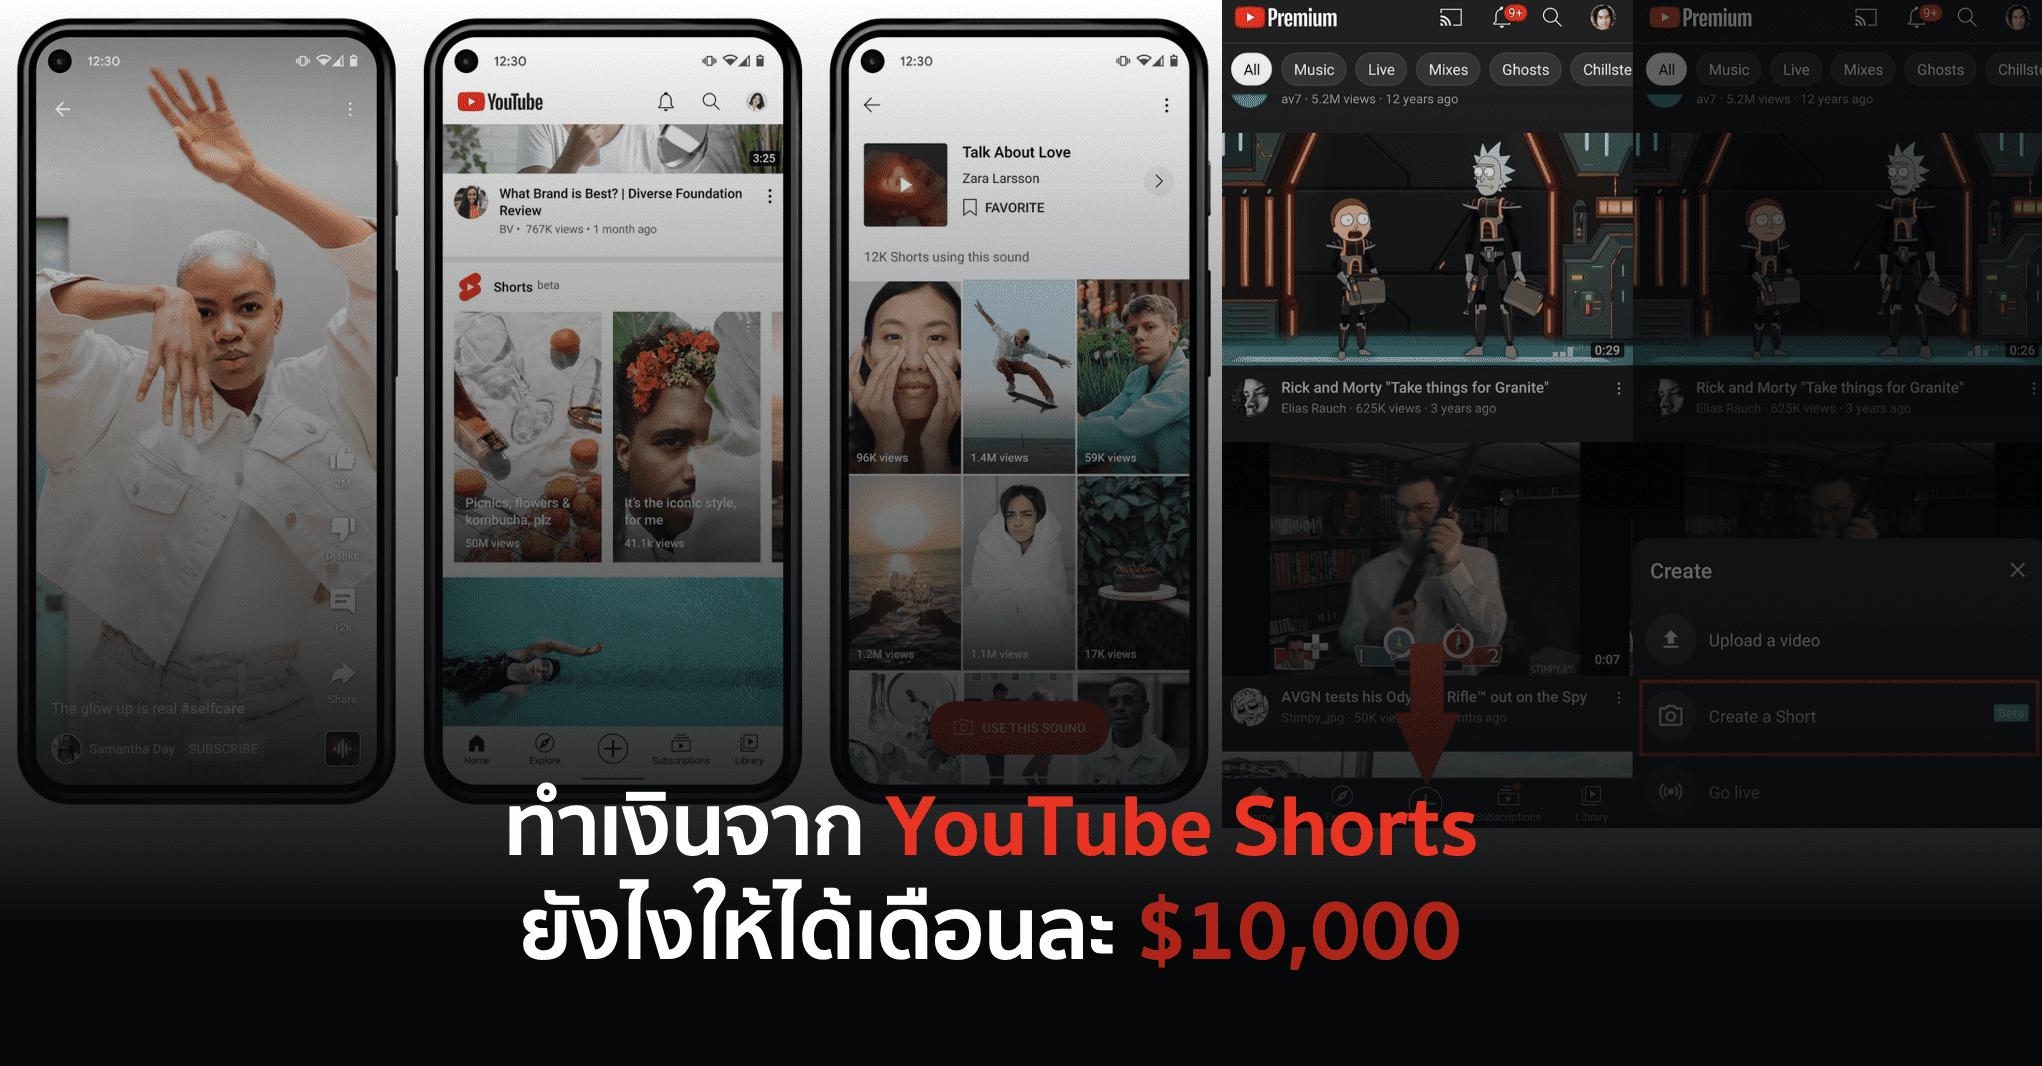 ทำเงินจาก YouTube Shorts ยังไงให้ได้เดือนละ $10,000